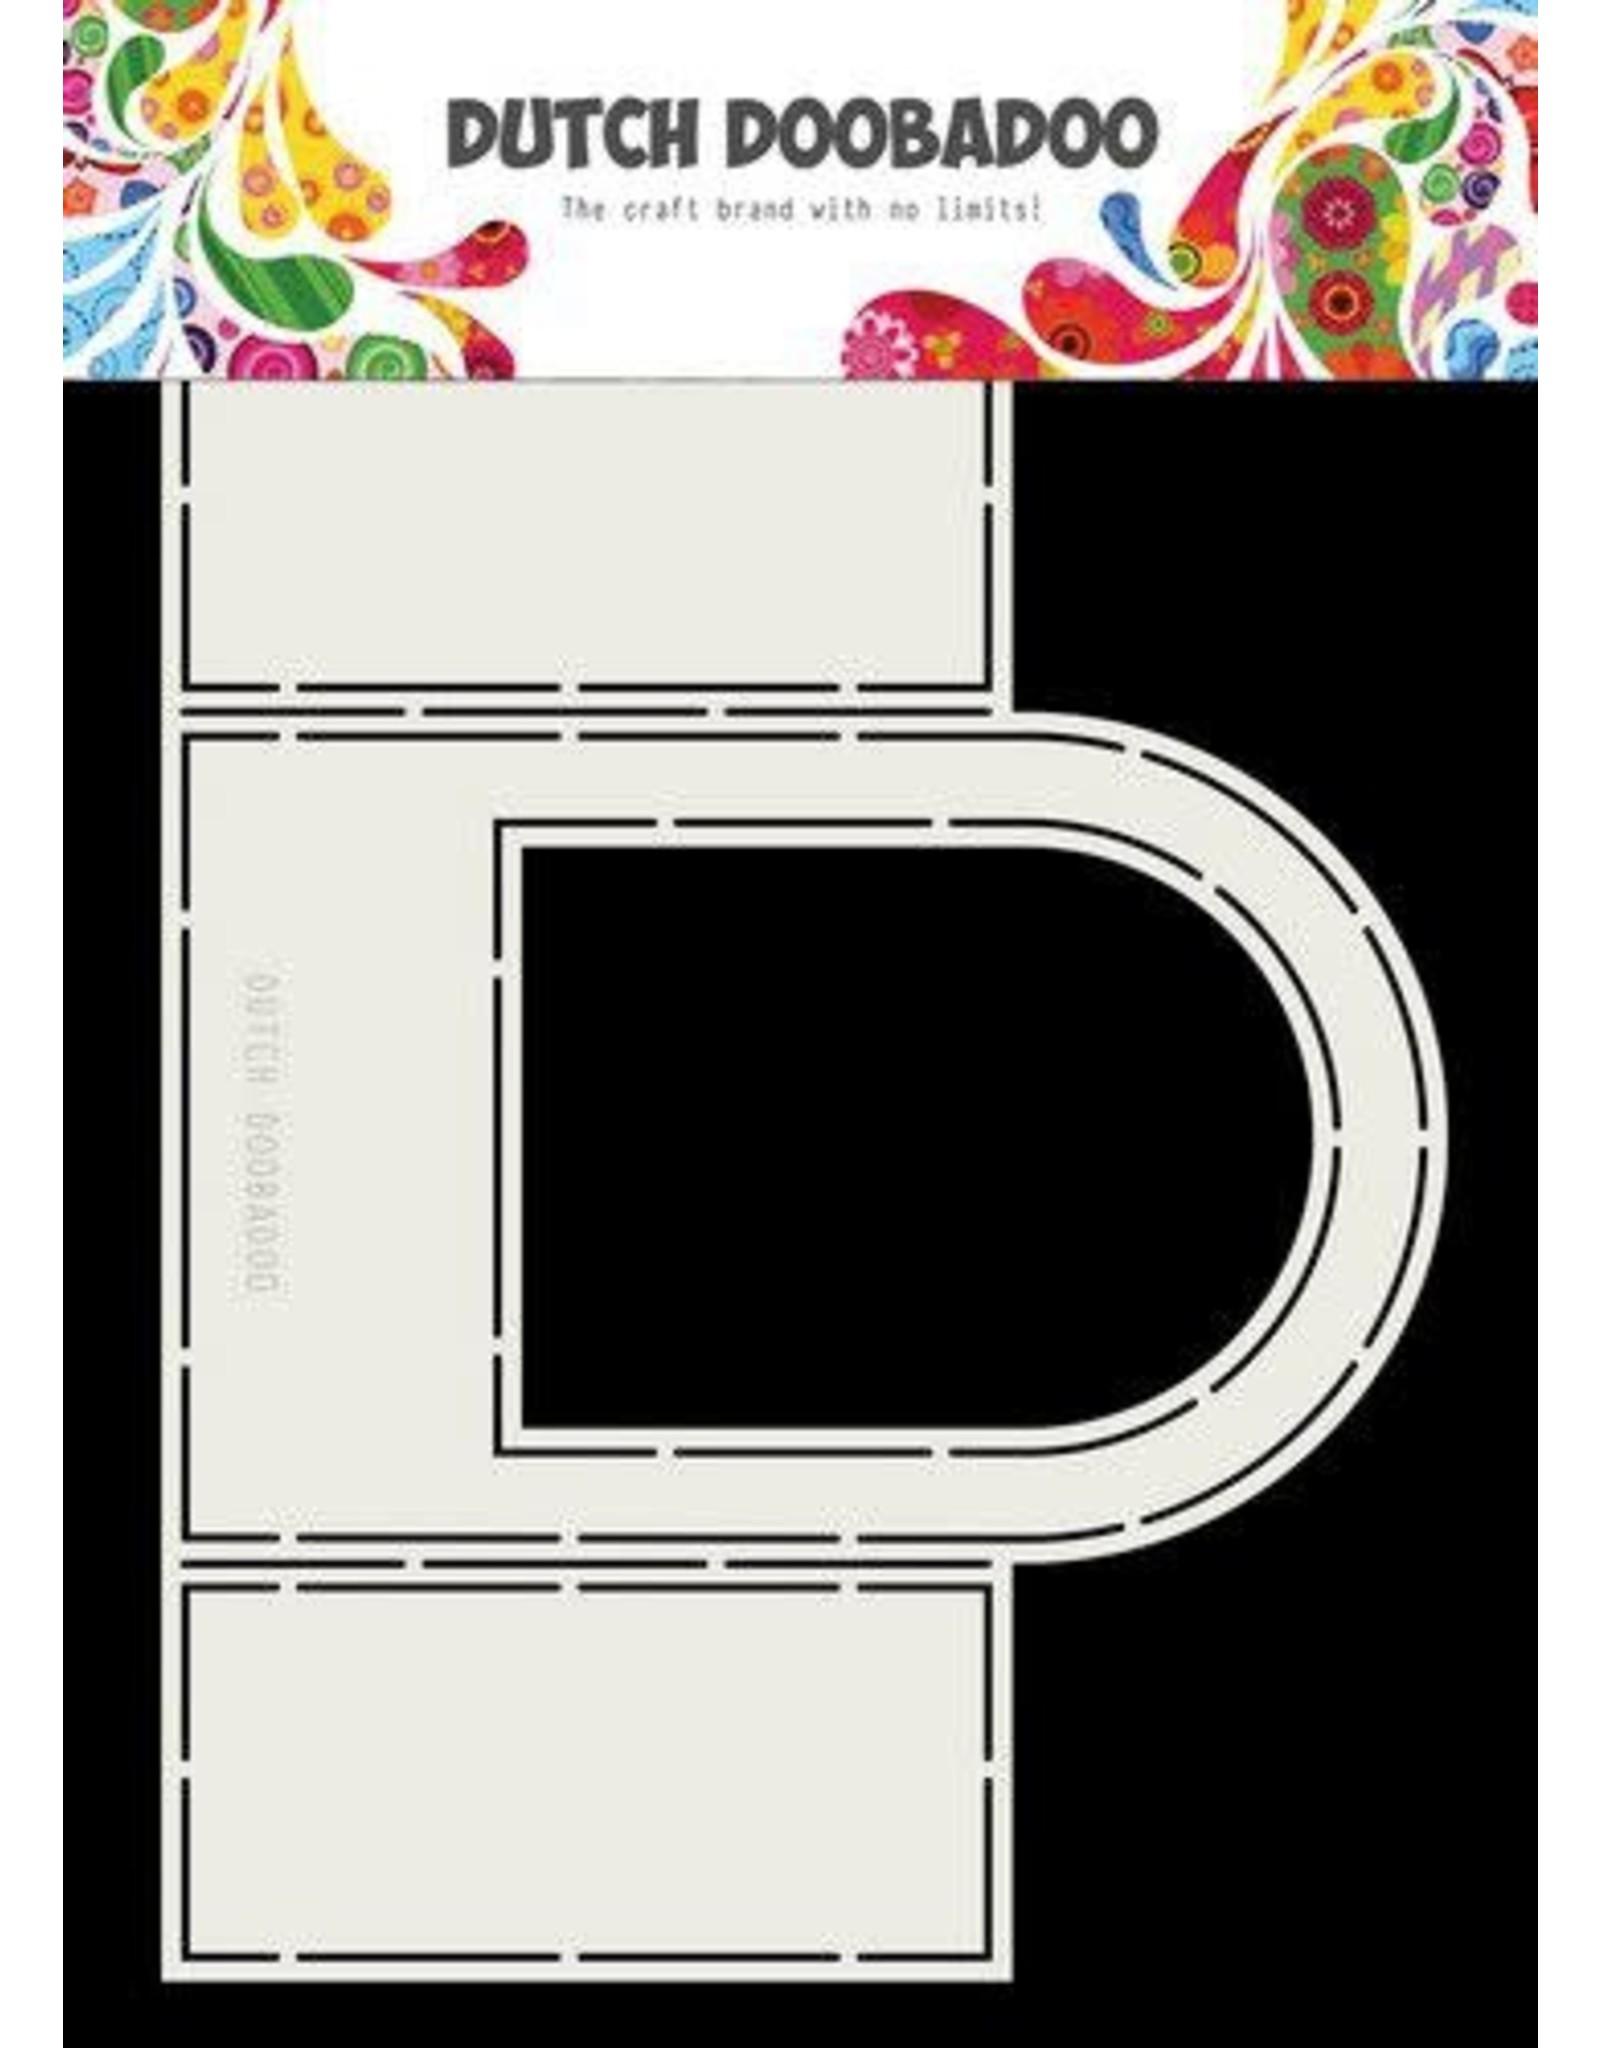 Dutch Doobadoo Dutch Doobadoo Fold card art Window Venster boog 210x160mm 470.713.728